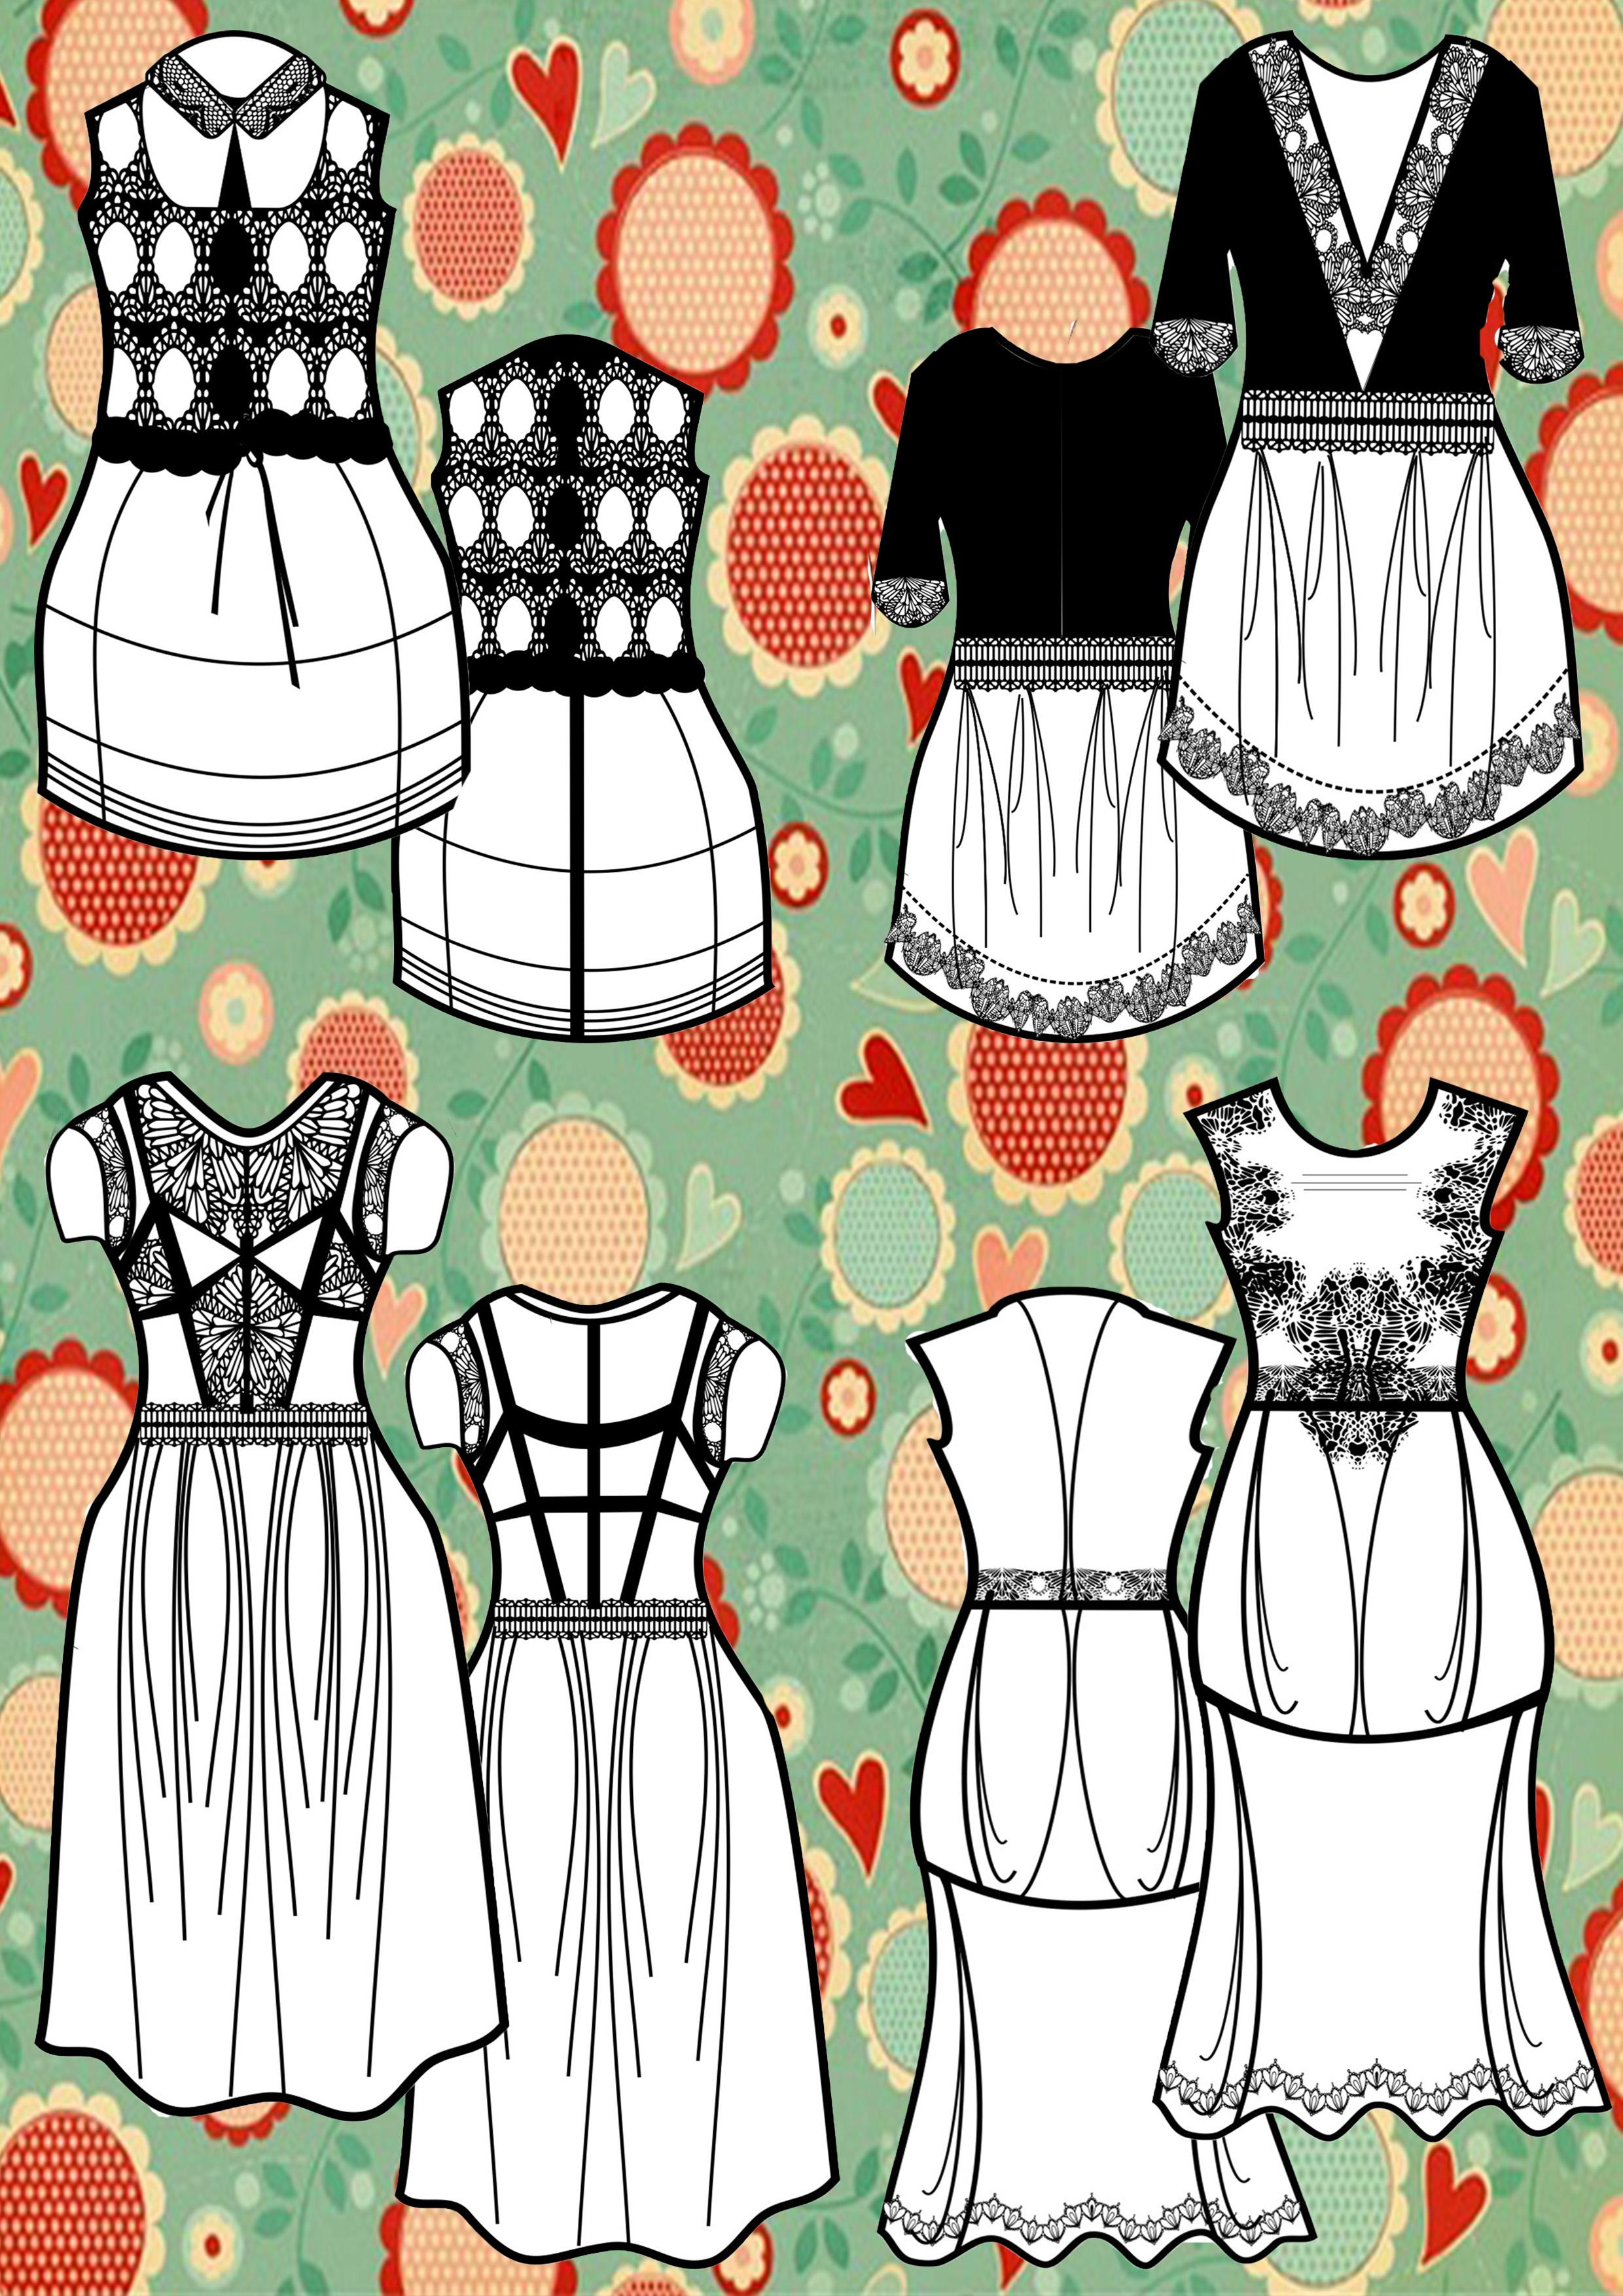 多款女装款式图正反面(含源文件)共享